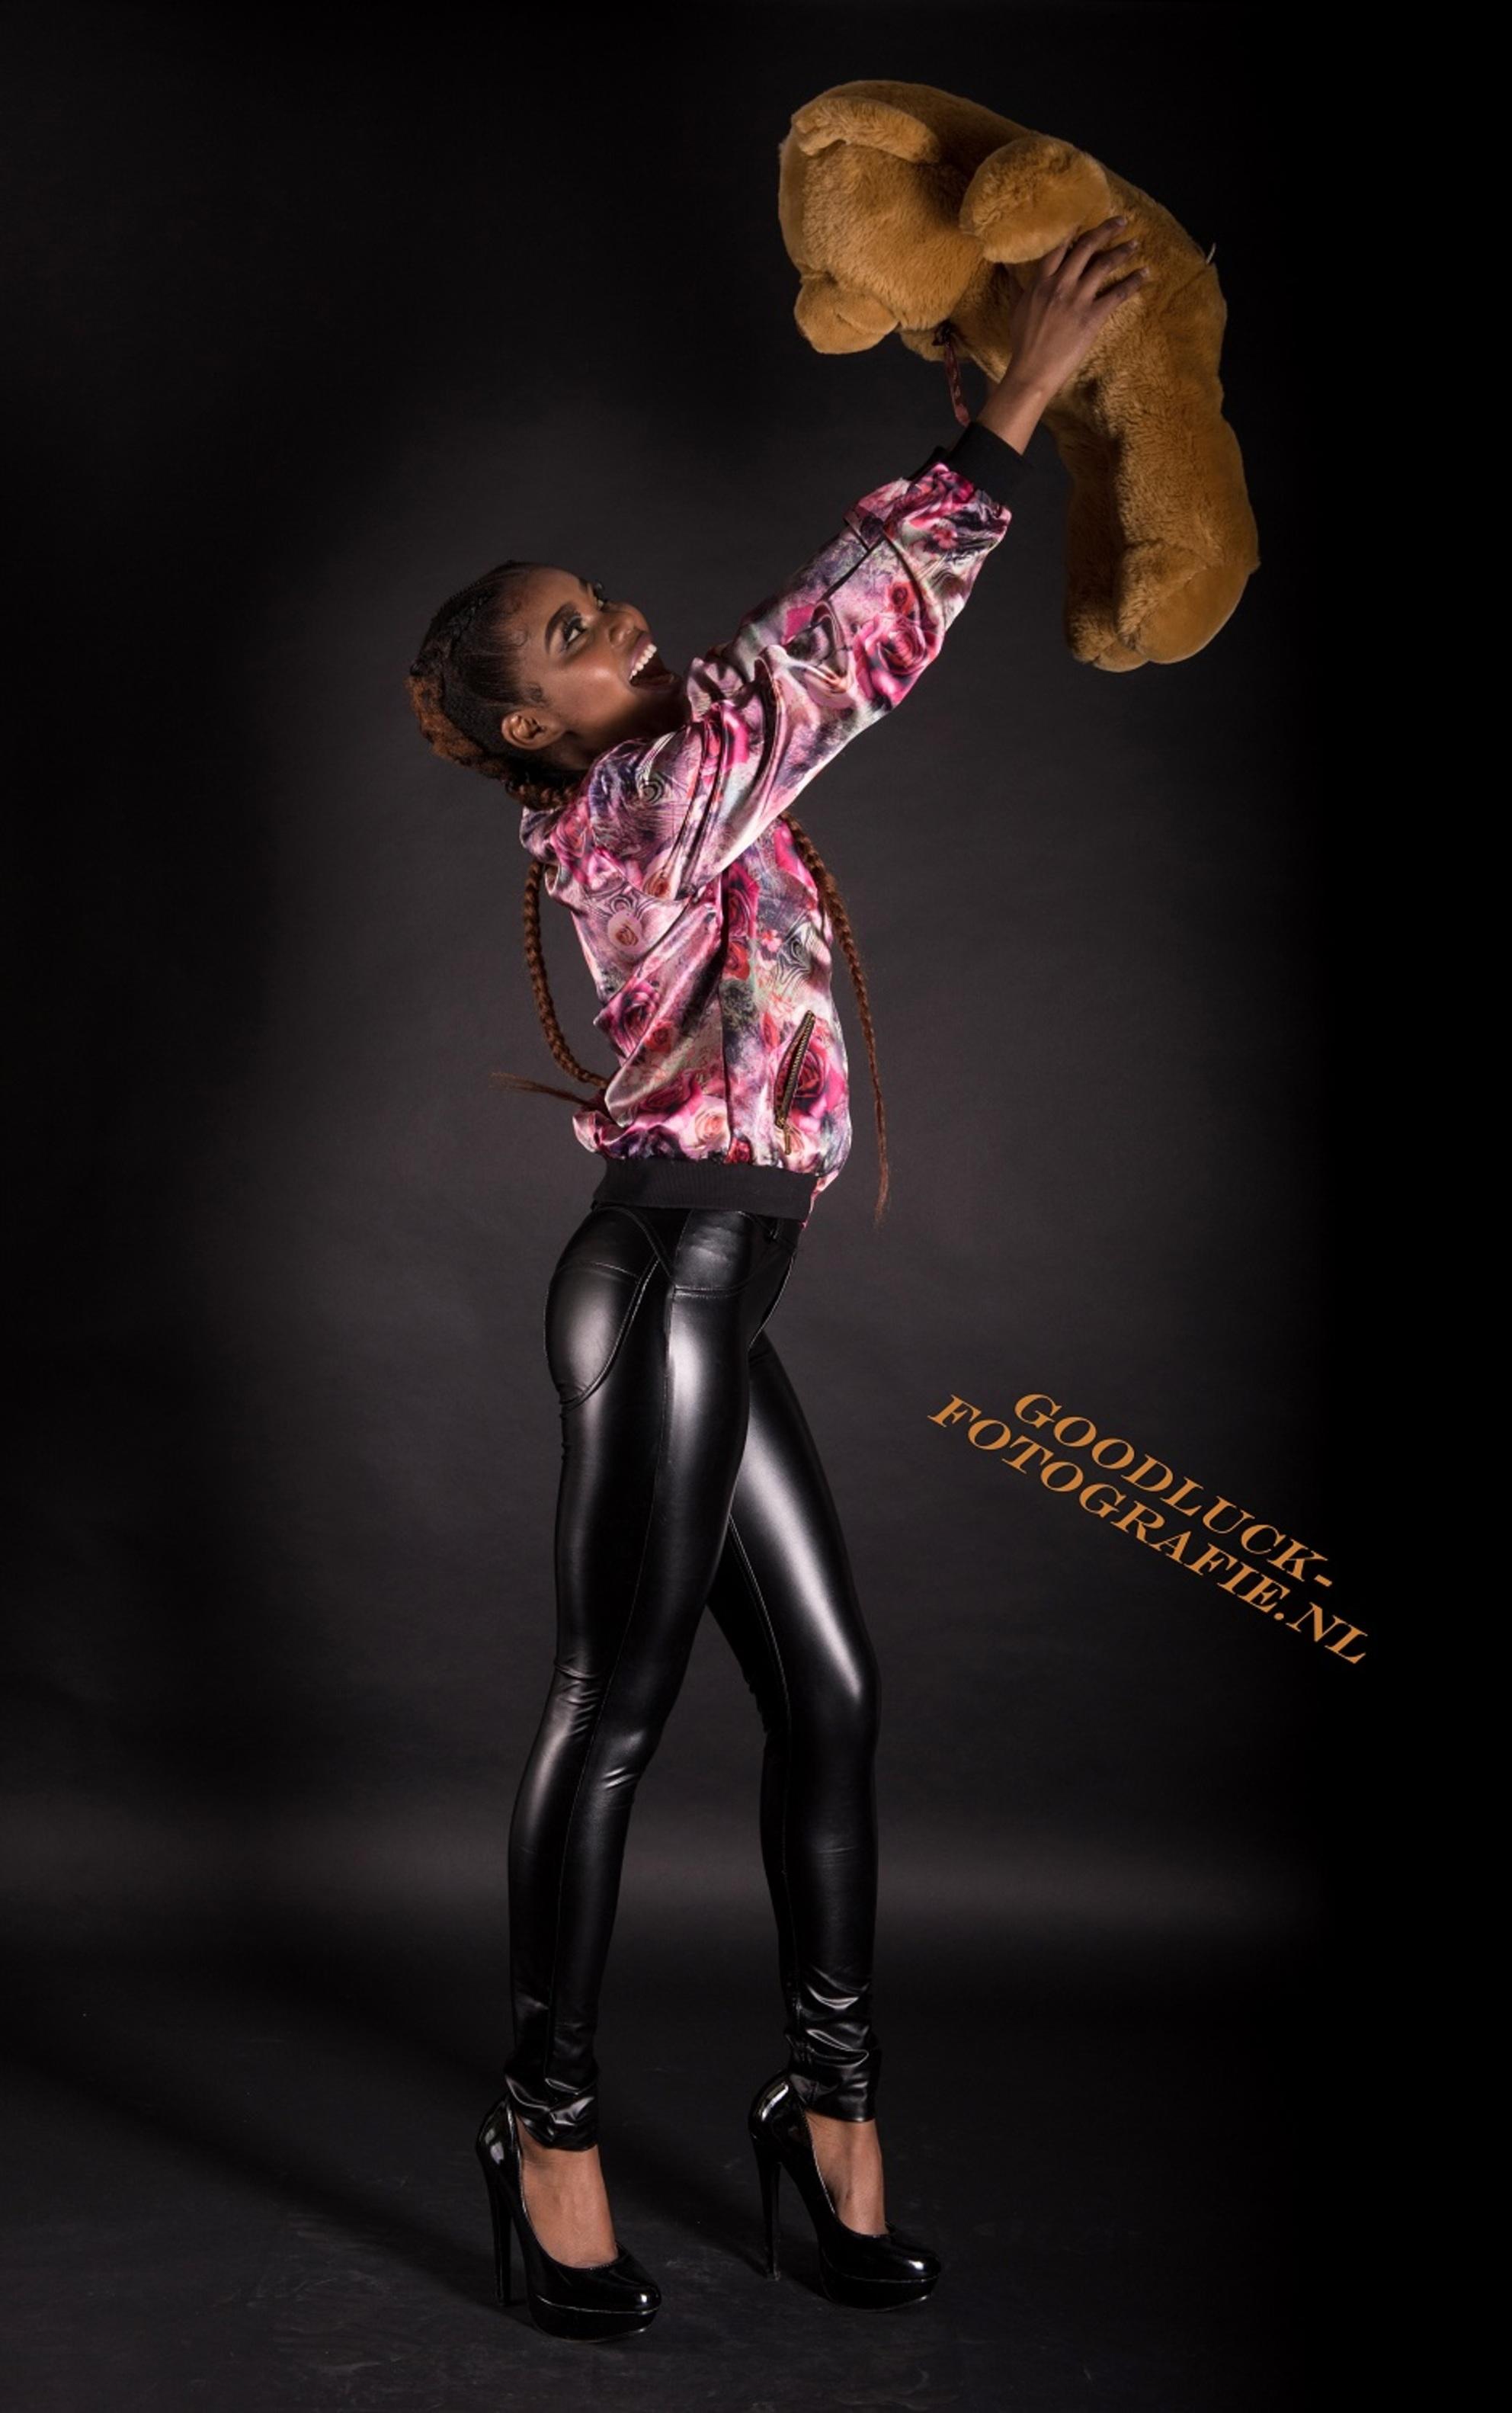 Mijn beer - Wendy met haar knuffelbeer.  [url=http://www.goodluck-fotografie.nl/]goodluck-fotografie.nl[/url] - foto door goodluck op 13-05-2017 - deze foto bevat: vrouw, portret, model, flits, stoer, fashion, beauty, schoenen, sfeer, pose, glamour, studio, kapsel, expressie, jeans, mode, fotoshoot, kleding, romantisch, makeup, styling, fashionfotografie